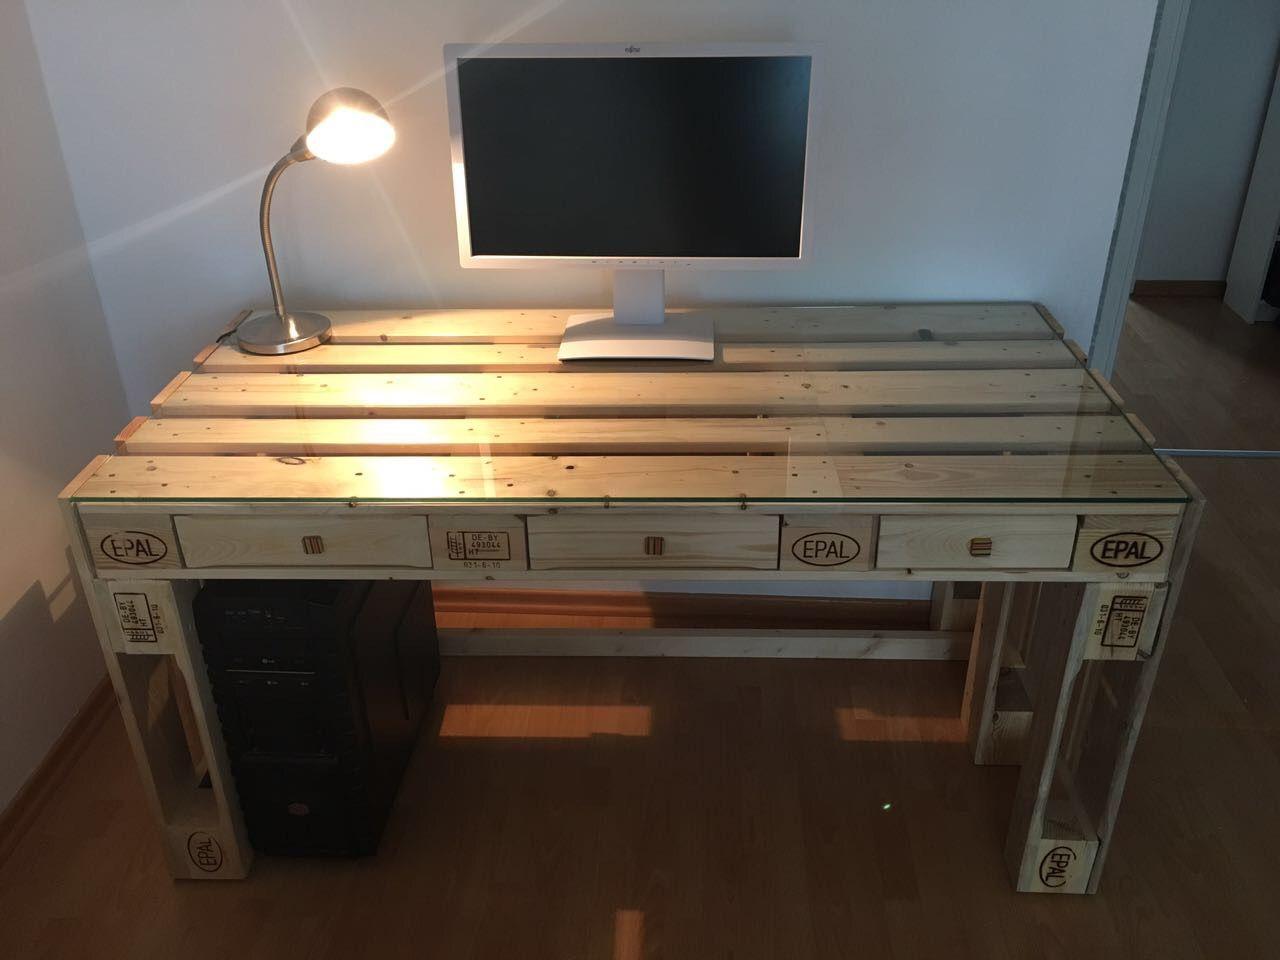 Paletten Schreibtisch 1001 Ideen Fur Selber Bauen 21 Aus Tisch Diy Throu Schreibtisch Selber Bauen Europalette Schreibtisch Schreibtisch Aus Paletten